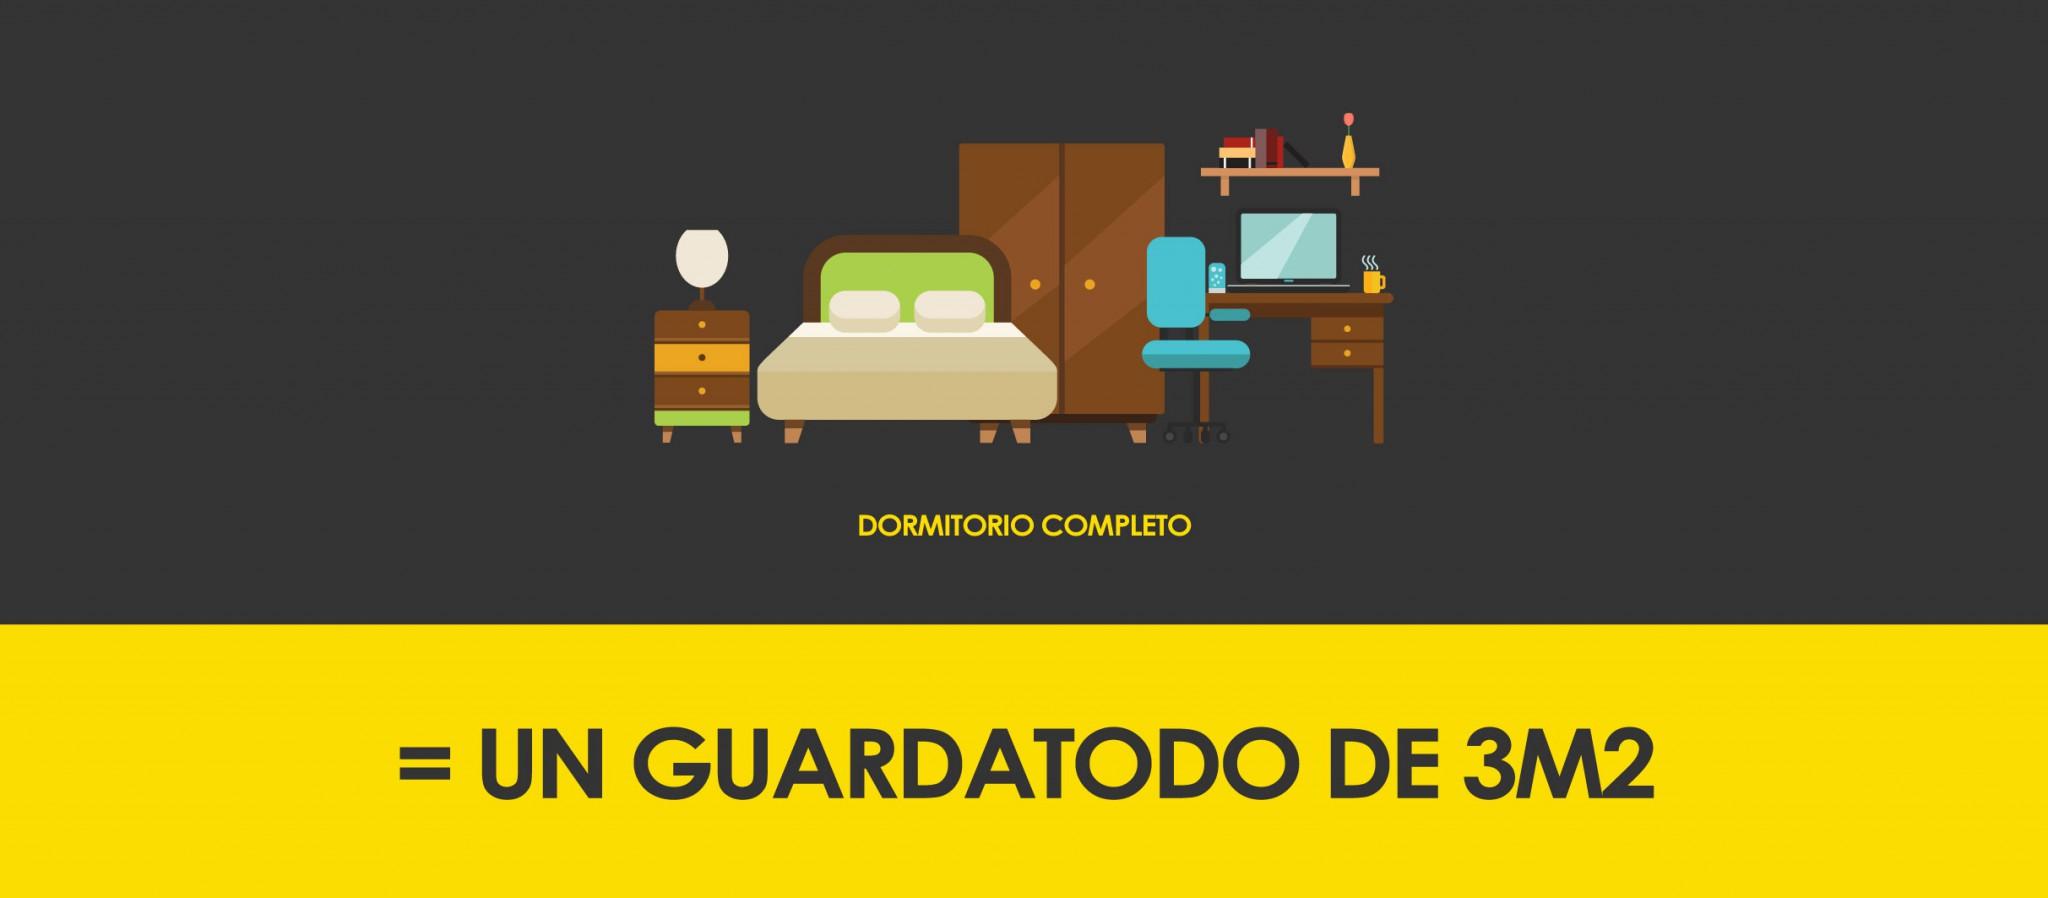 3M2 GUARDATODO-02